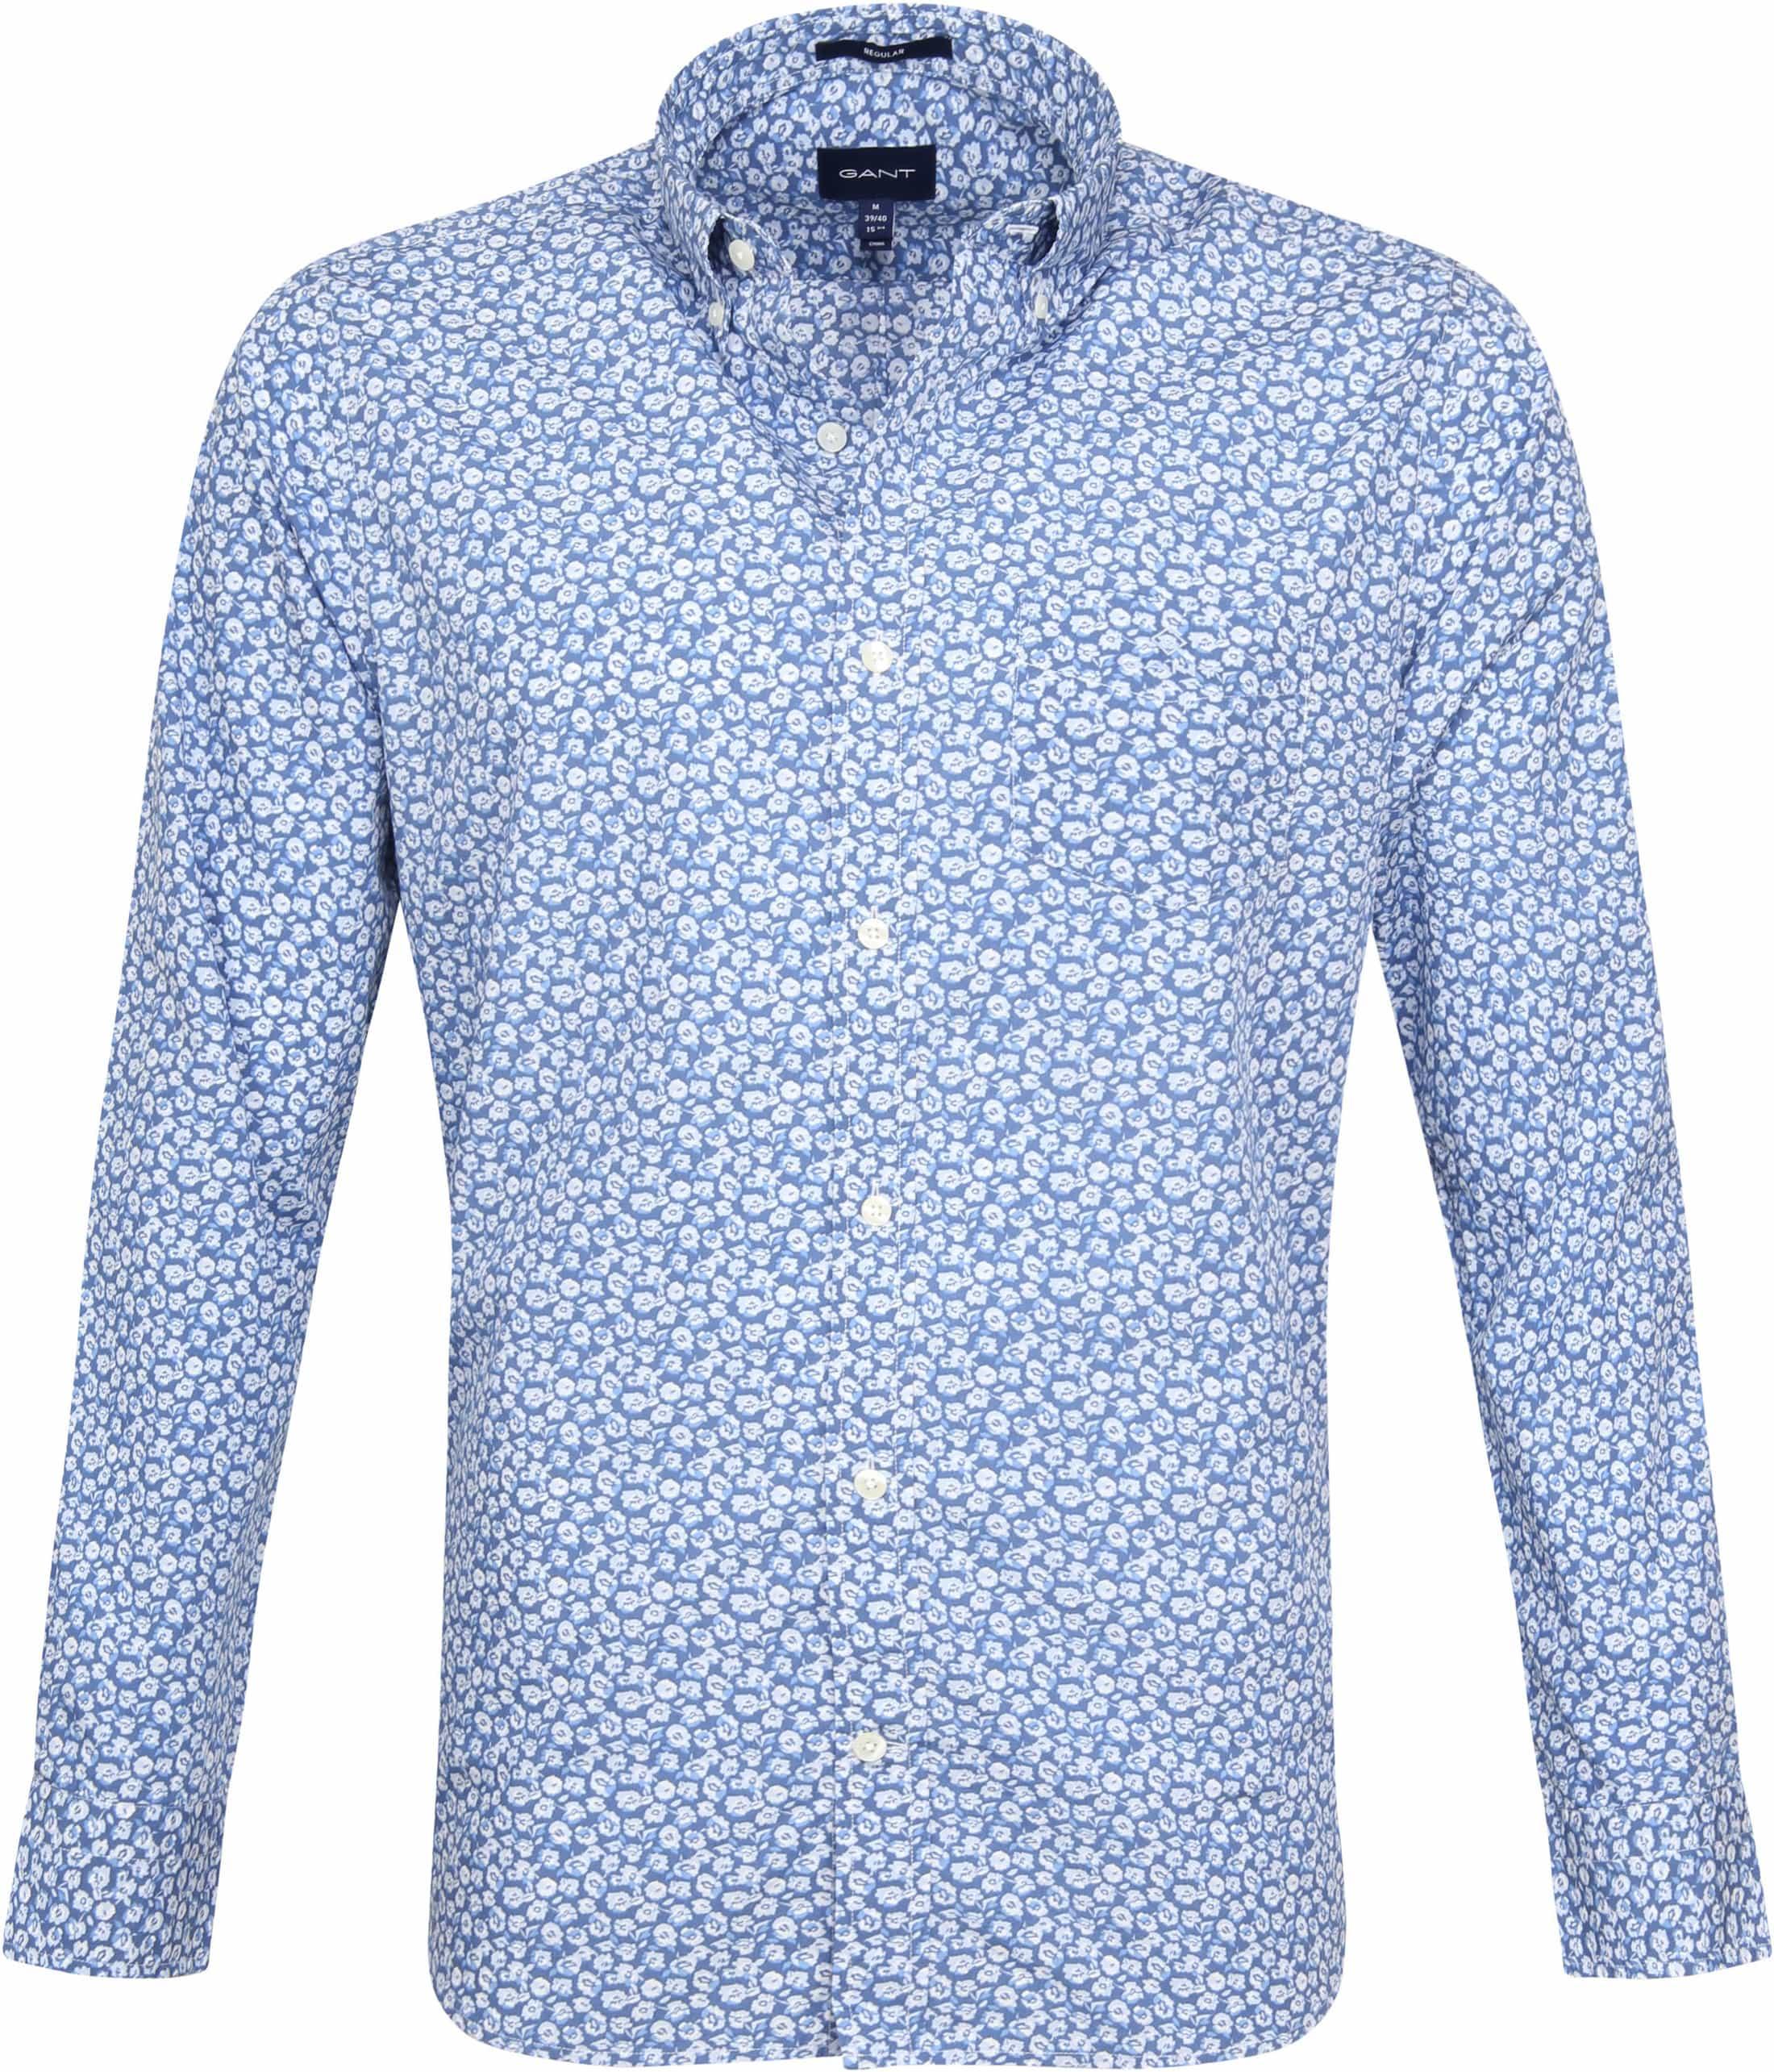 Gant Overhemd Bloem Blauw